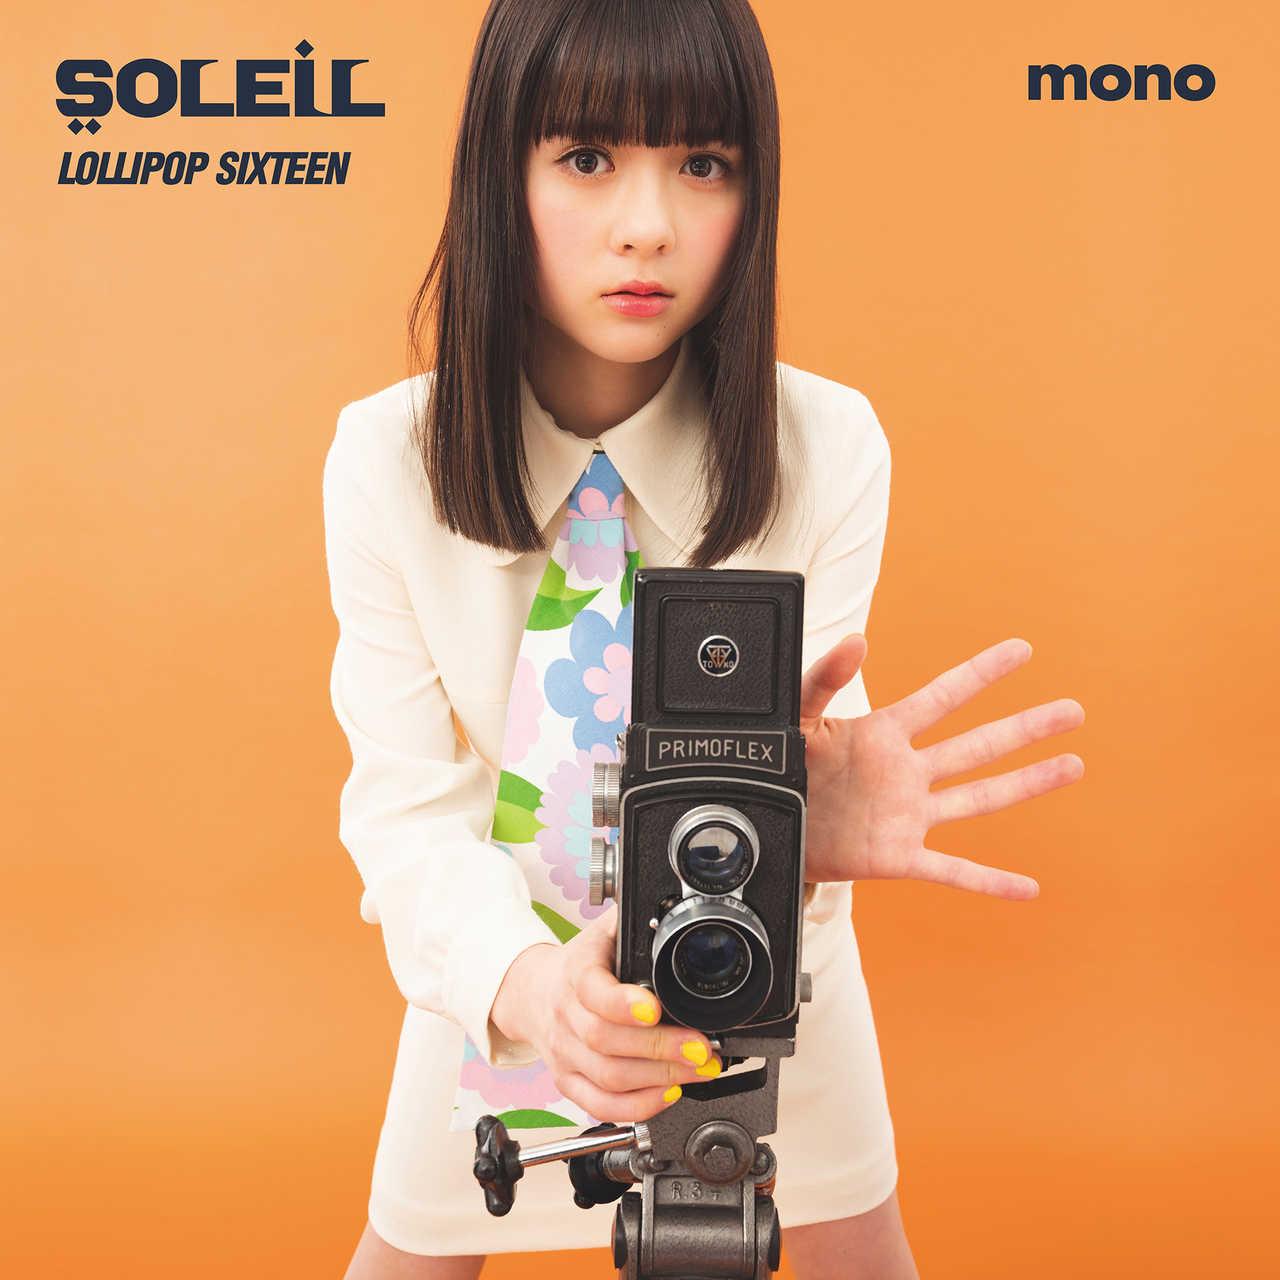 噂のバンド「SOLEIL」アルバム発売記念、秋葉原に期間限定SOLEILショップがオープン!